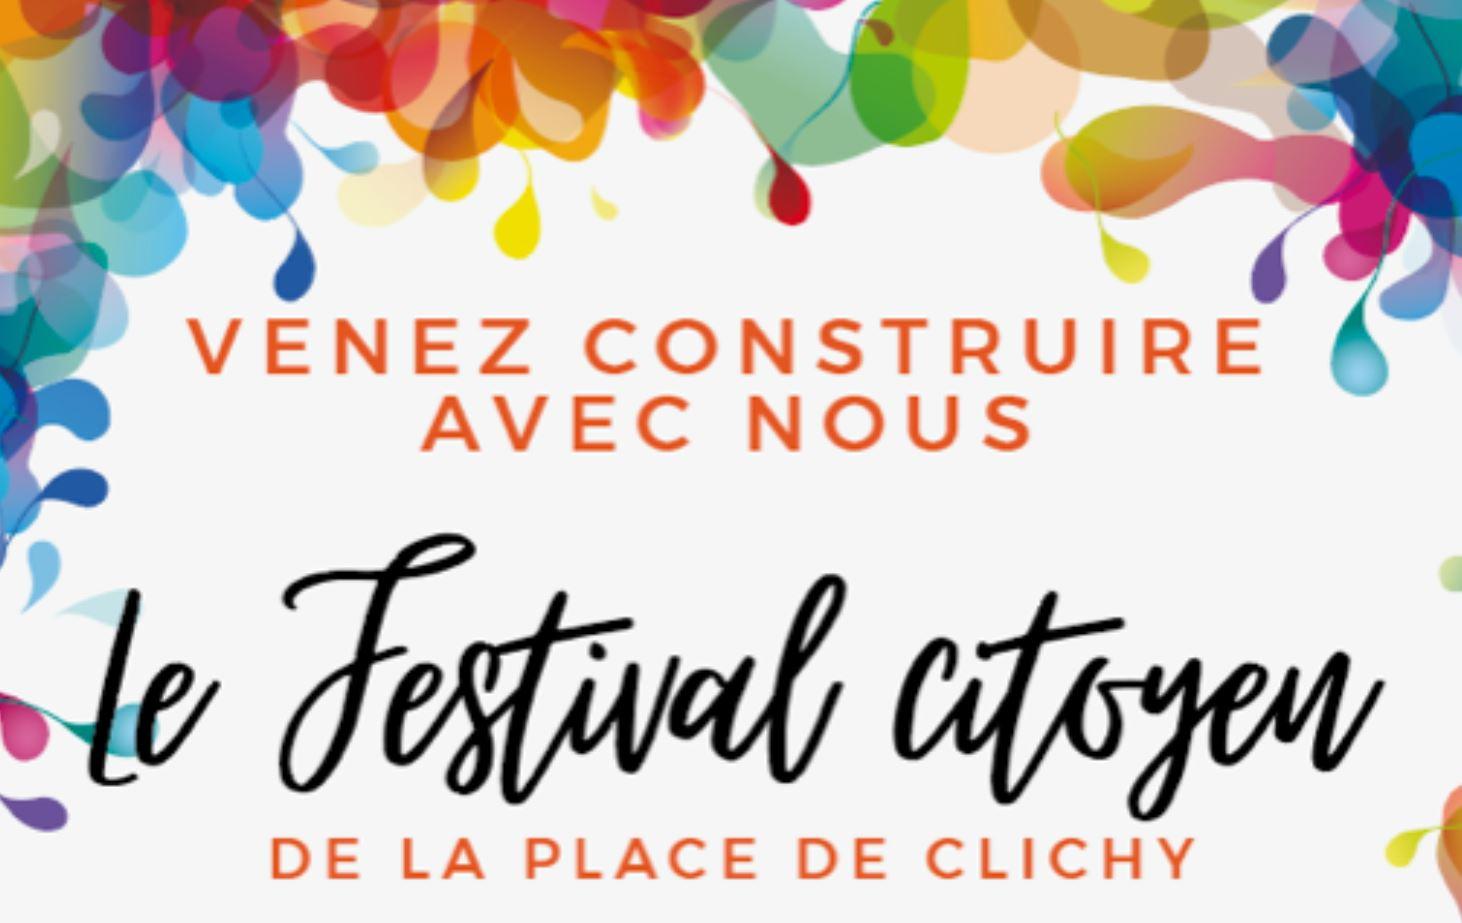 Festival Citoyen de la Place de Clichy